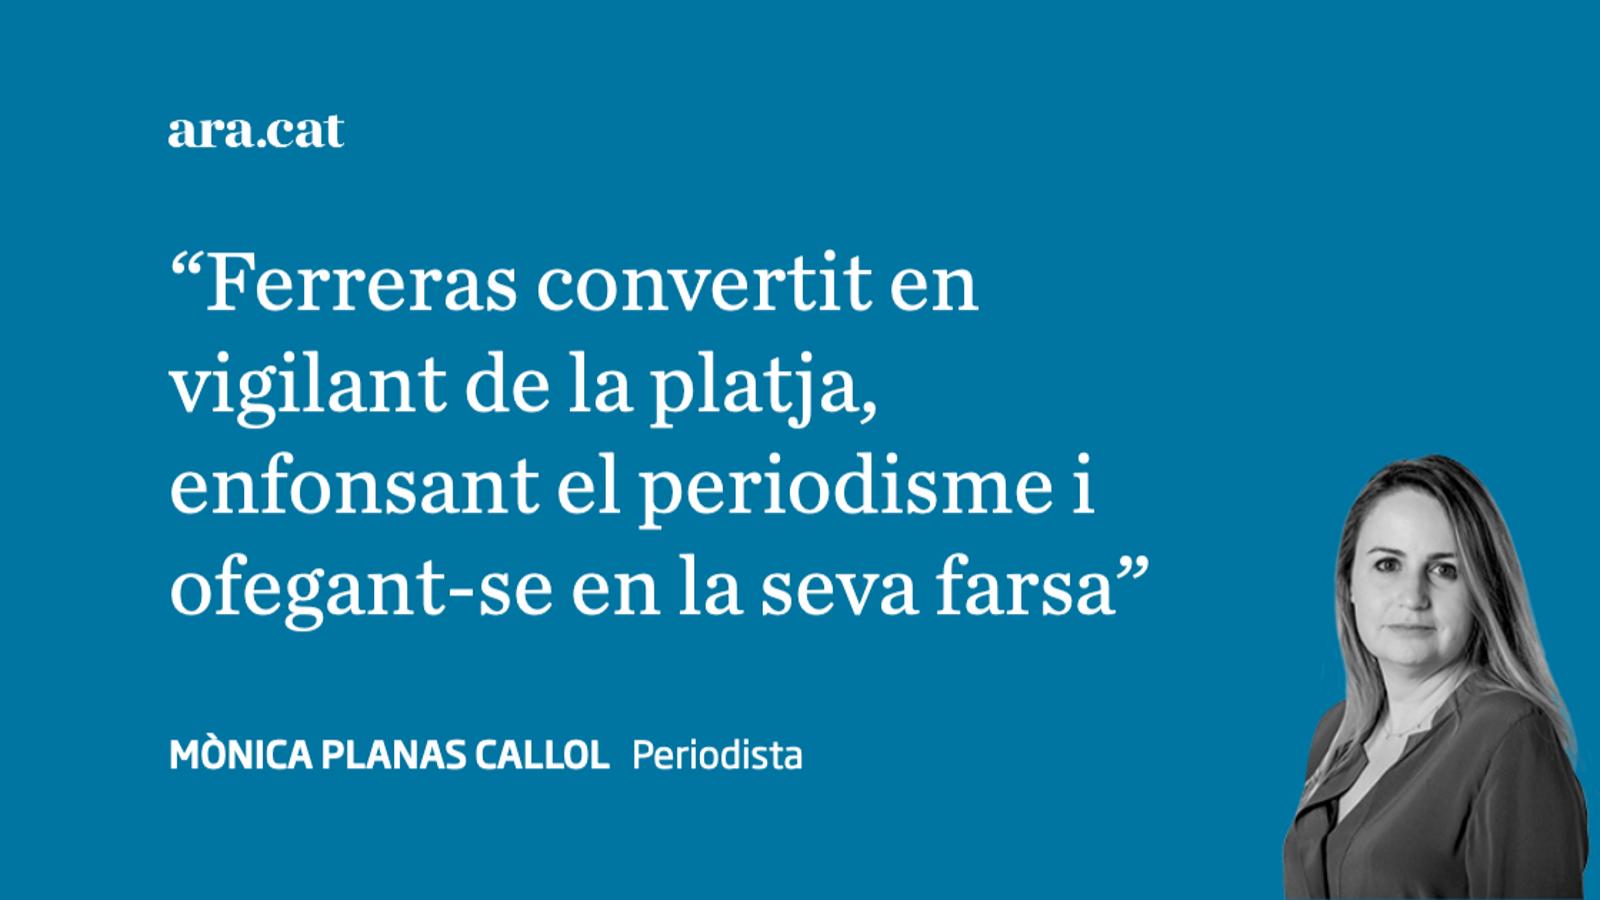 L'article d'opinió de Mònica Planas